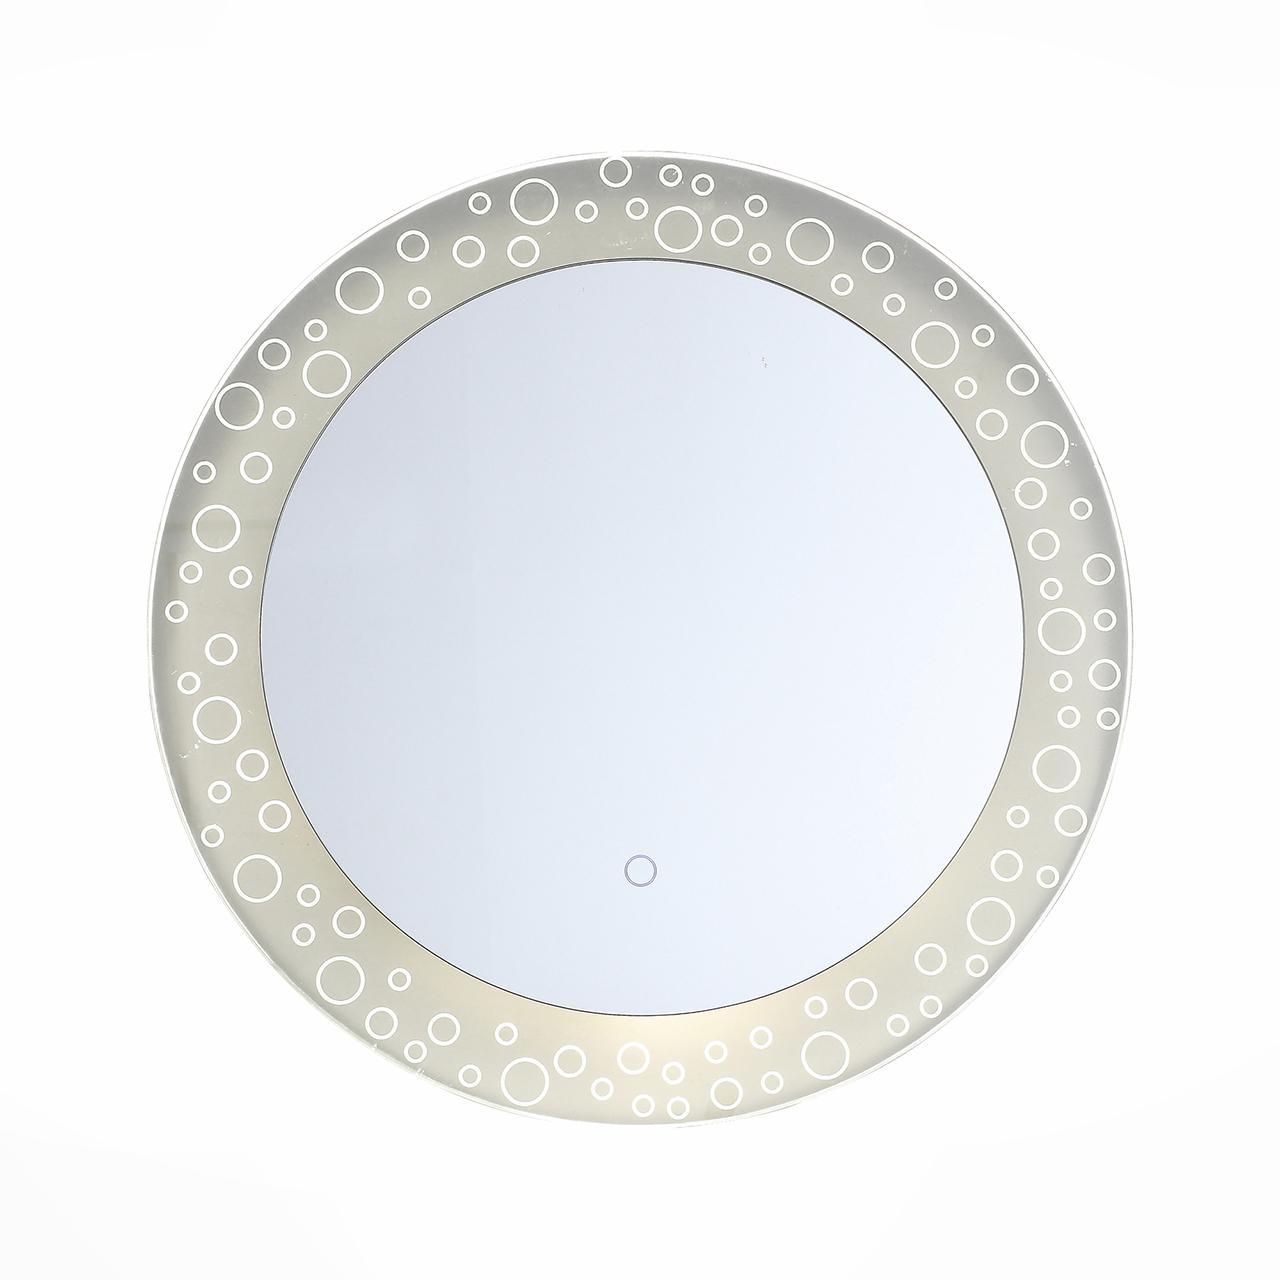 Купить Зеркало с подсветкой ST Luce Speculoo в интернет магазине дизайнерской мебели и аксессуаров для дома и дачи